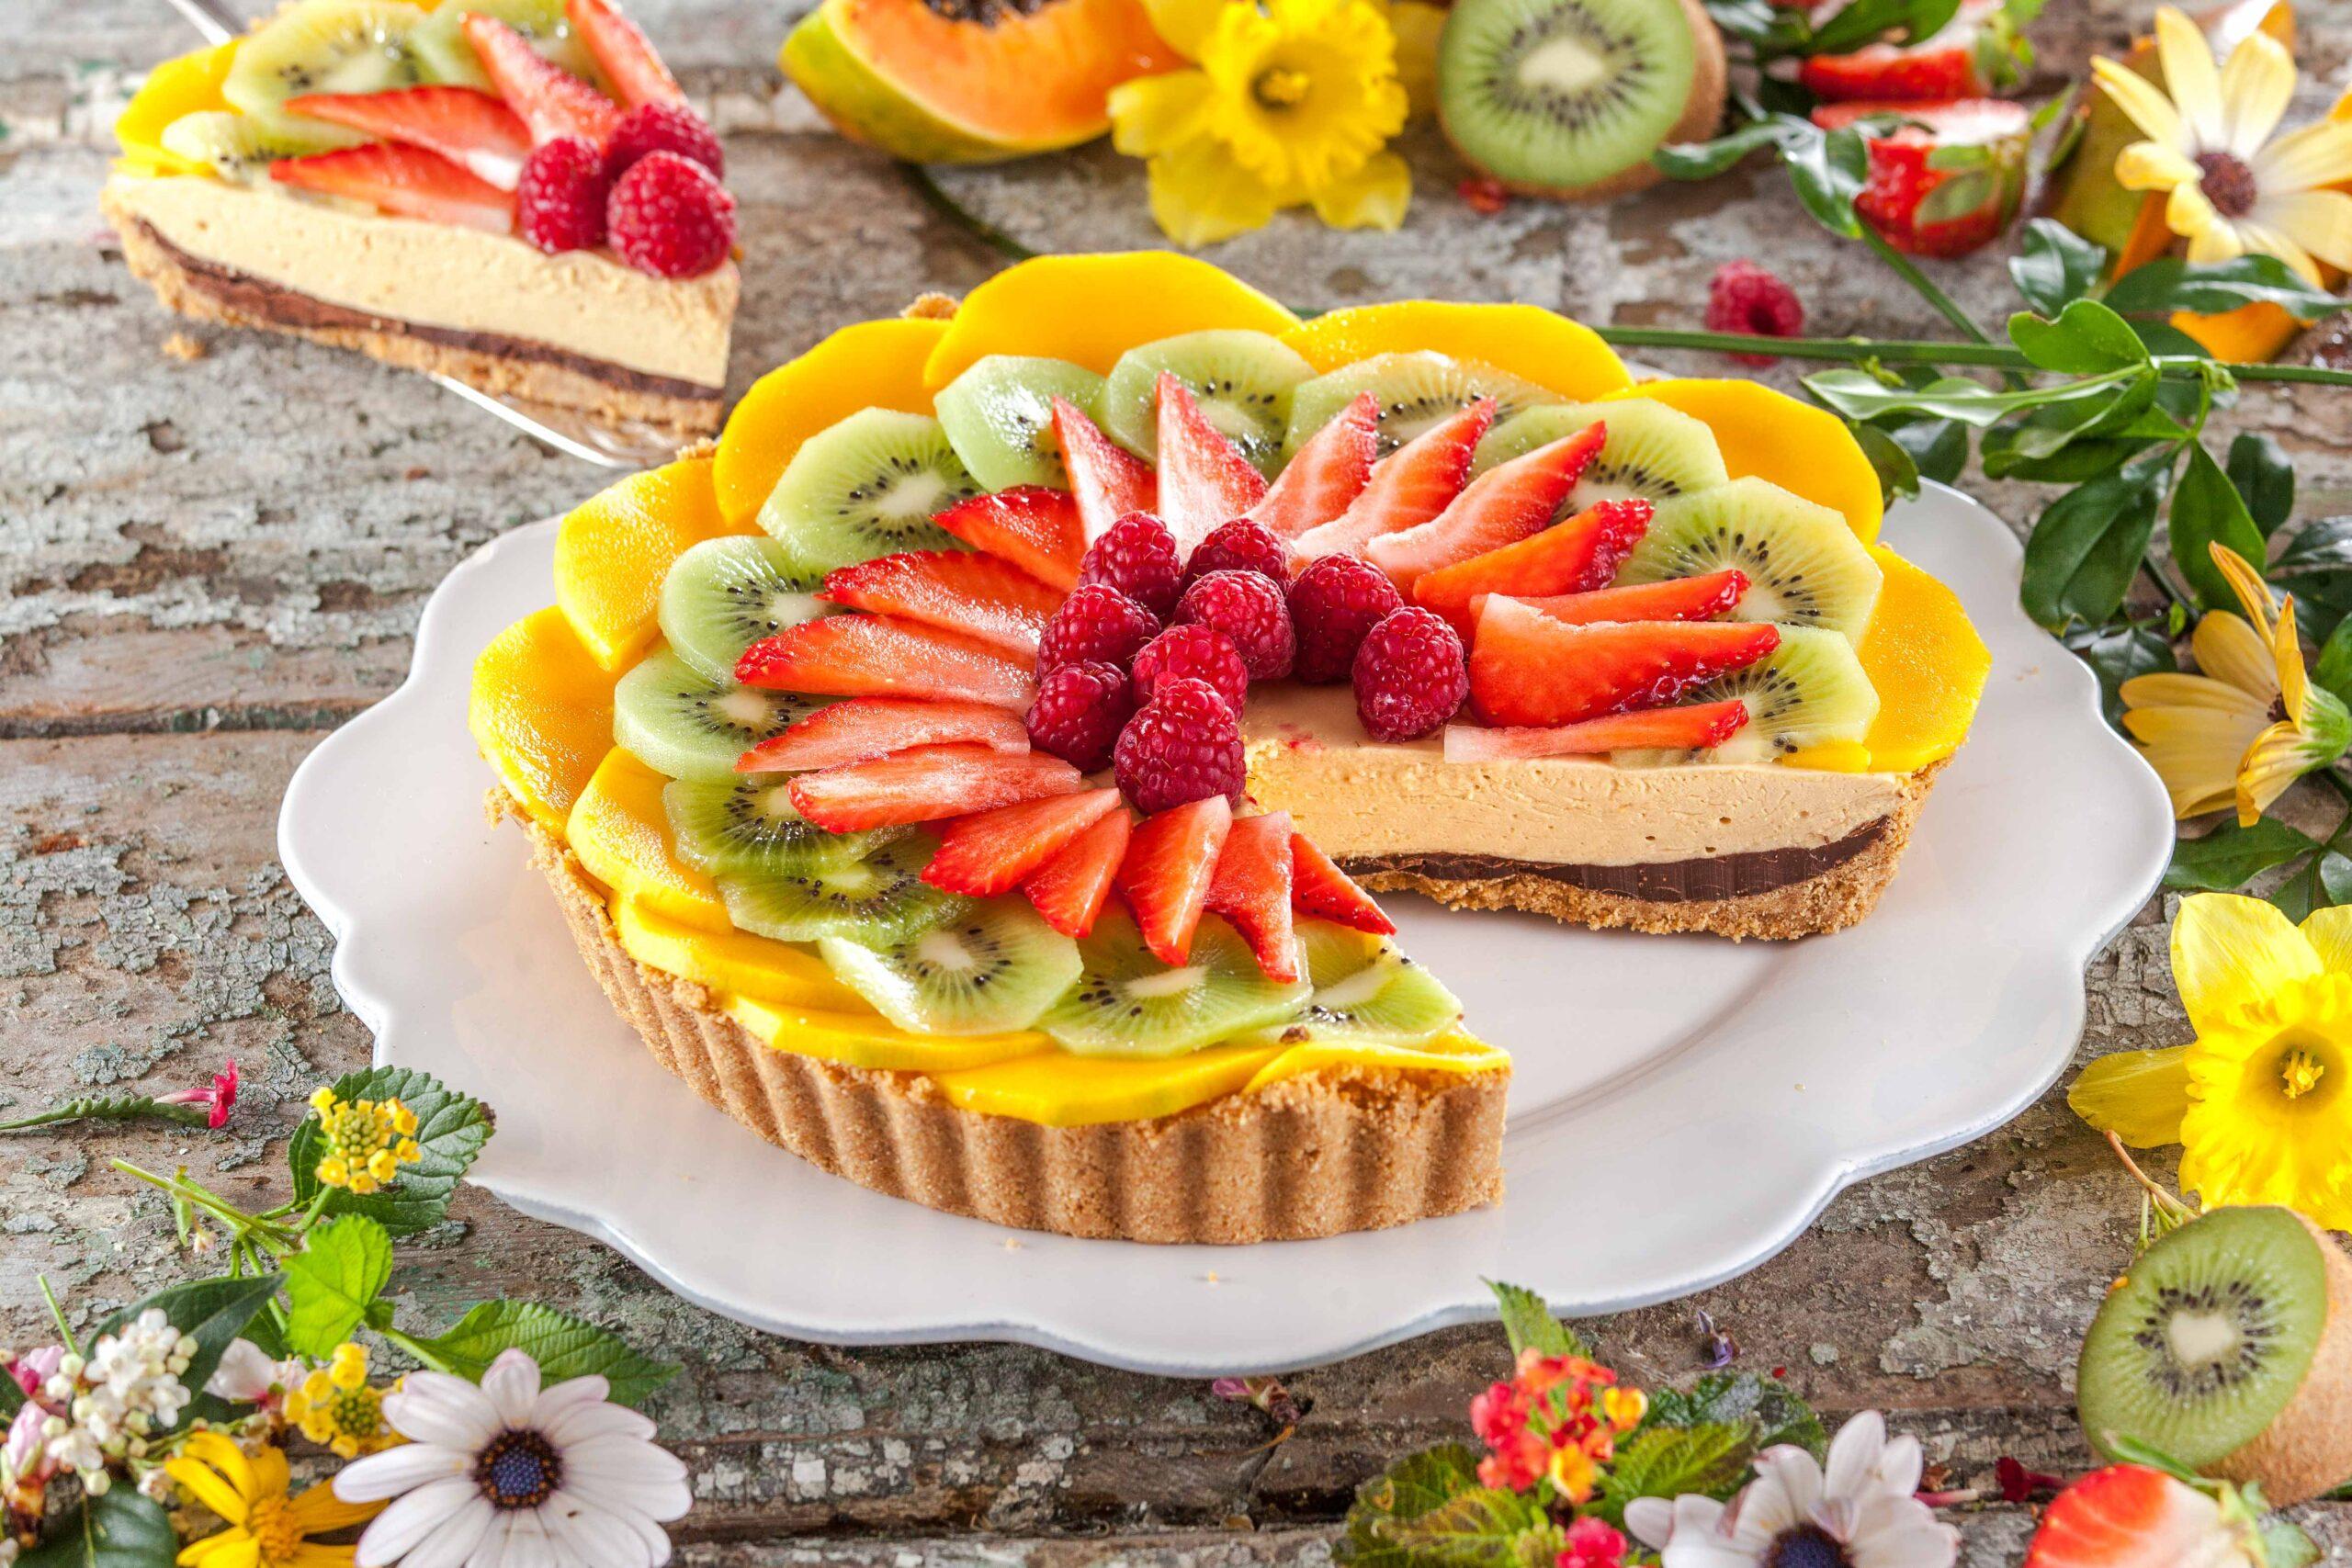 Tarte doce com fruta fresca